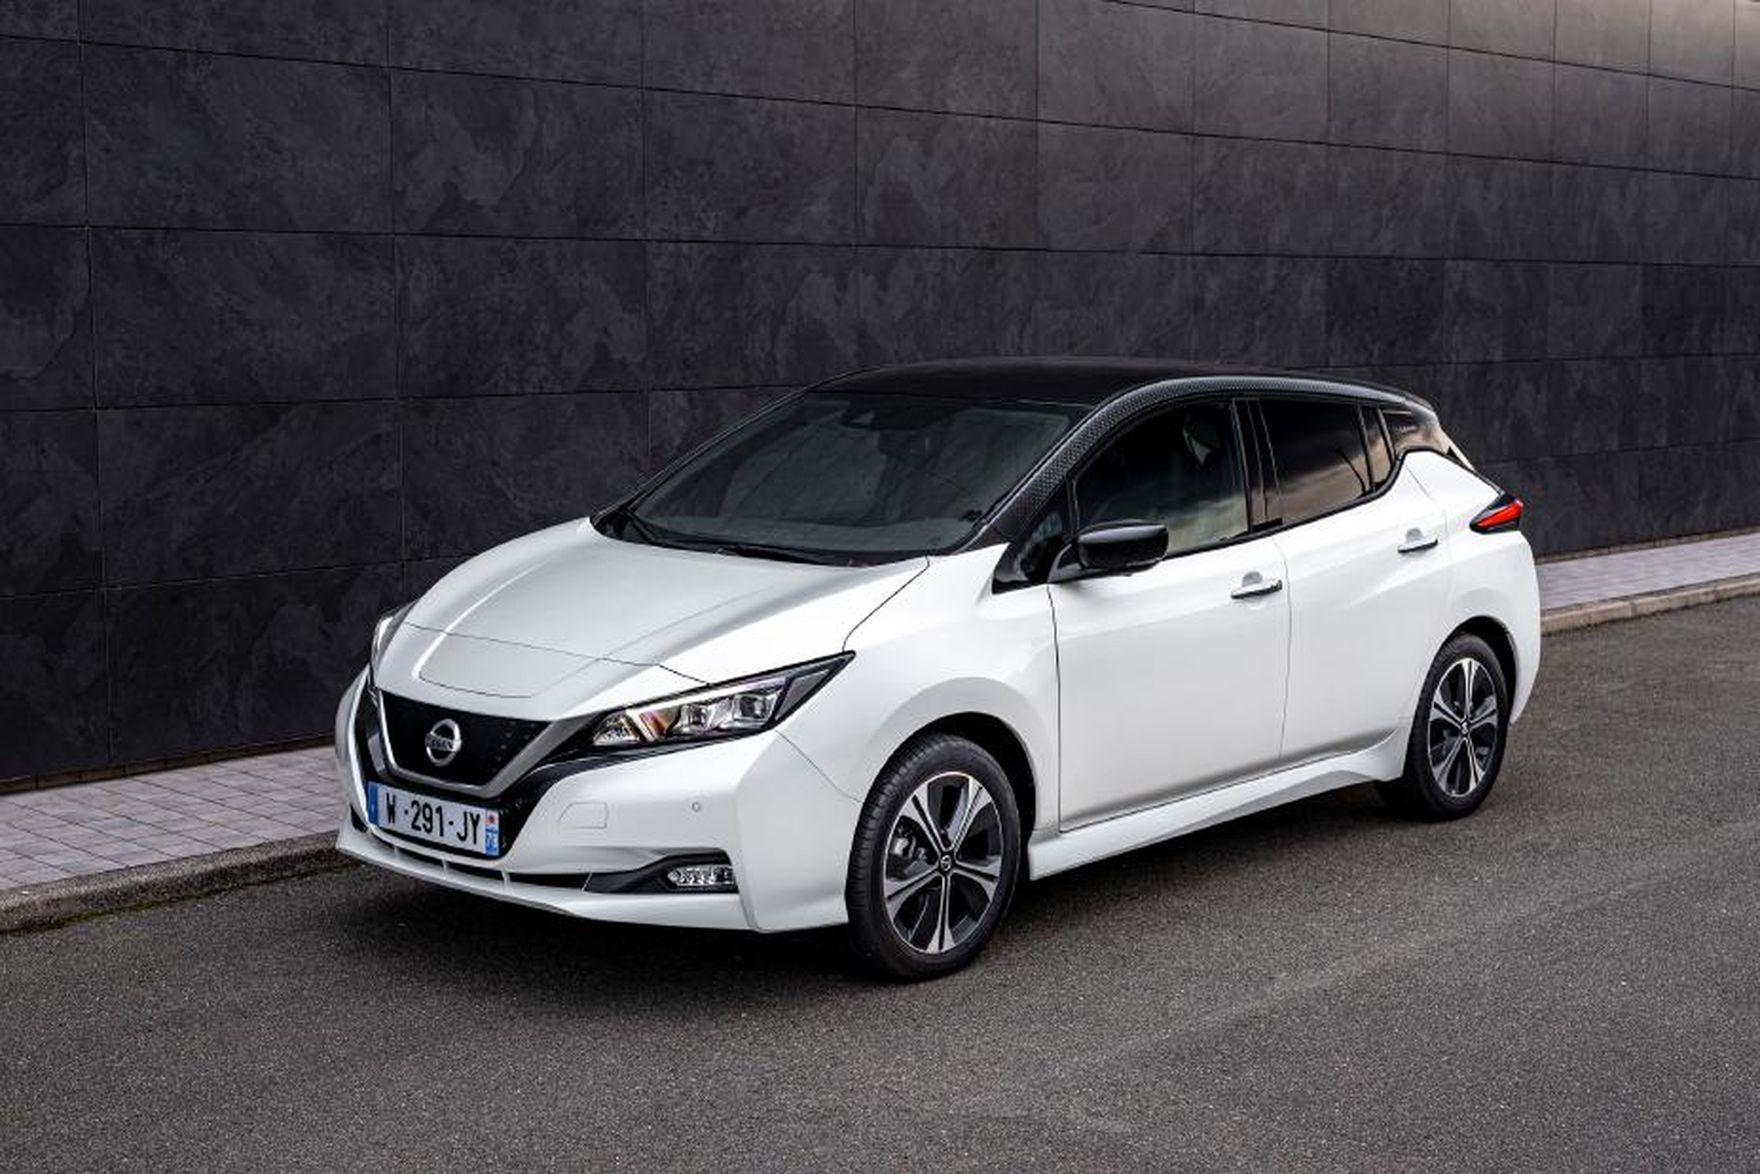 Doskonały elektryk, rewelacyjna cena. Sprawdzamy ofertę Nissana Leaf